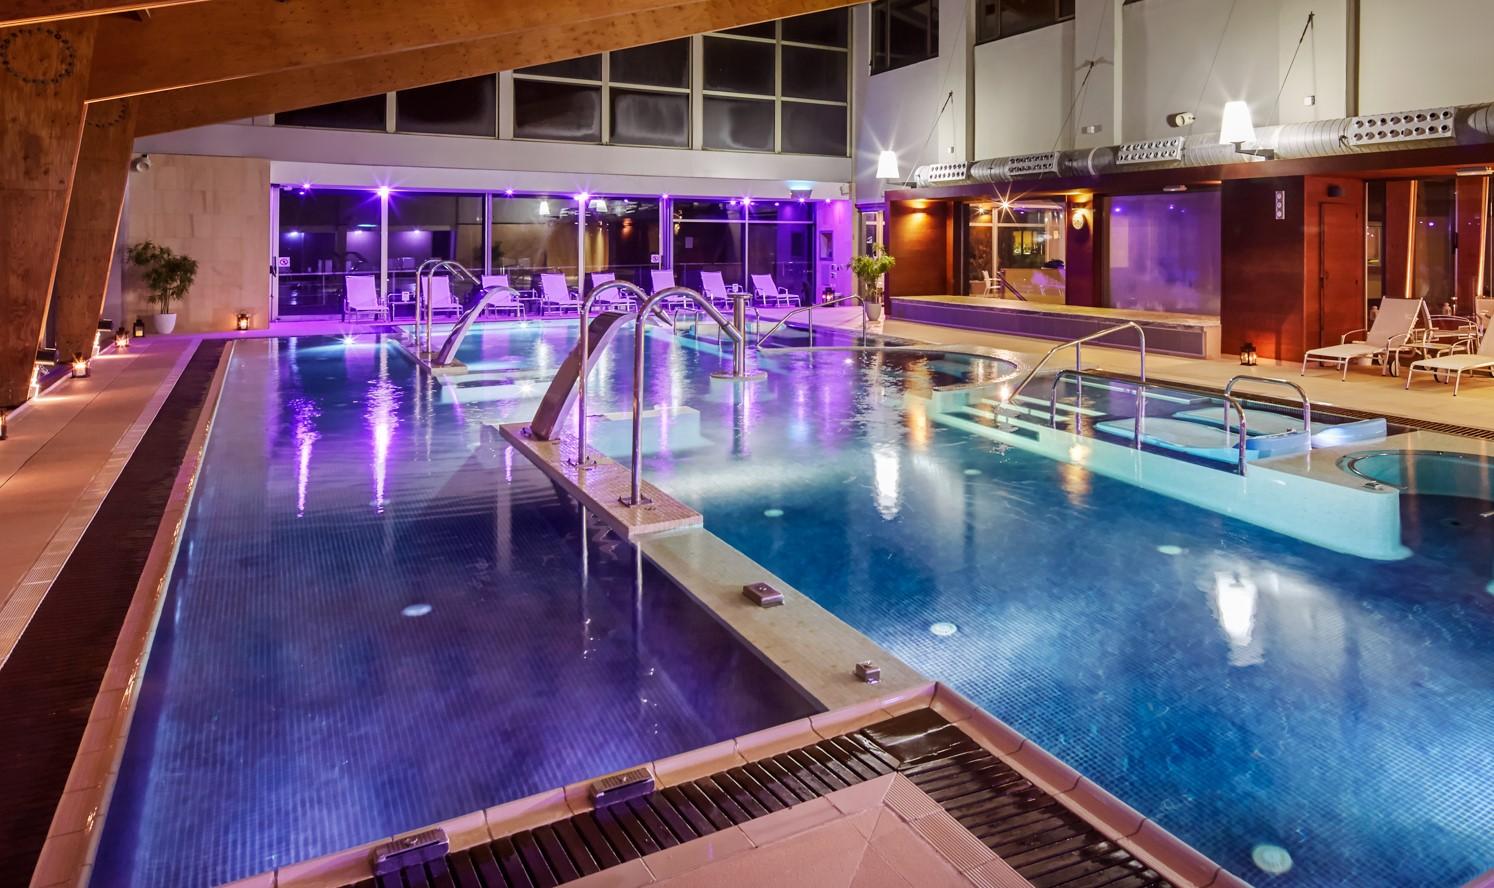 La Collada Hotel & Spa, La Molina, Spain